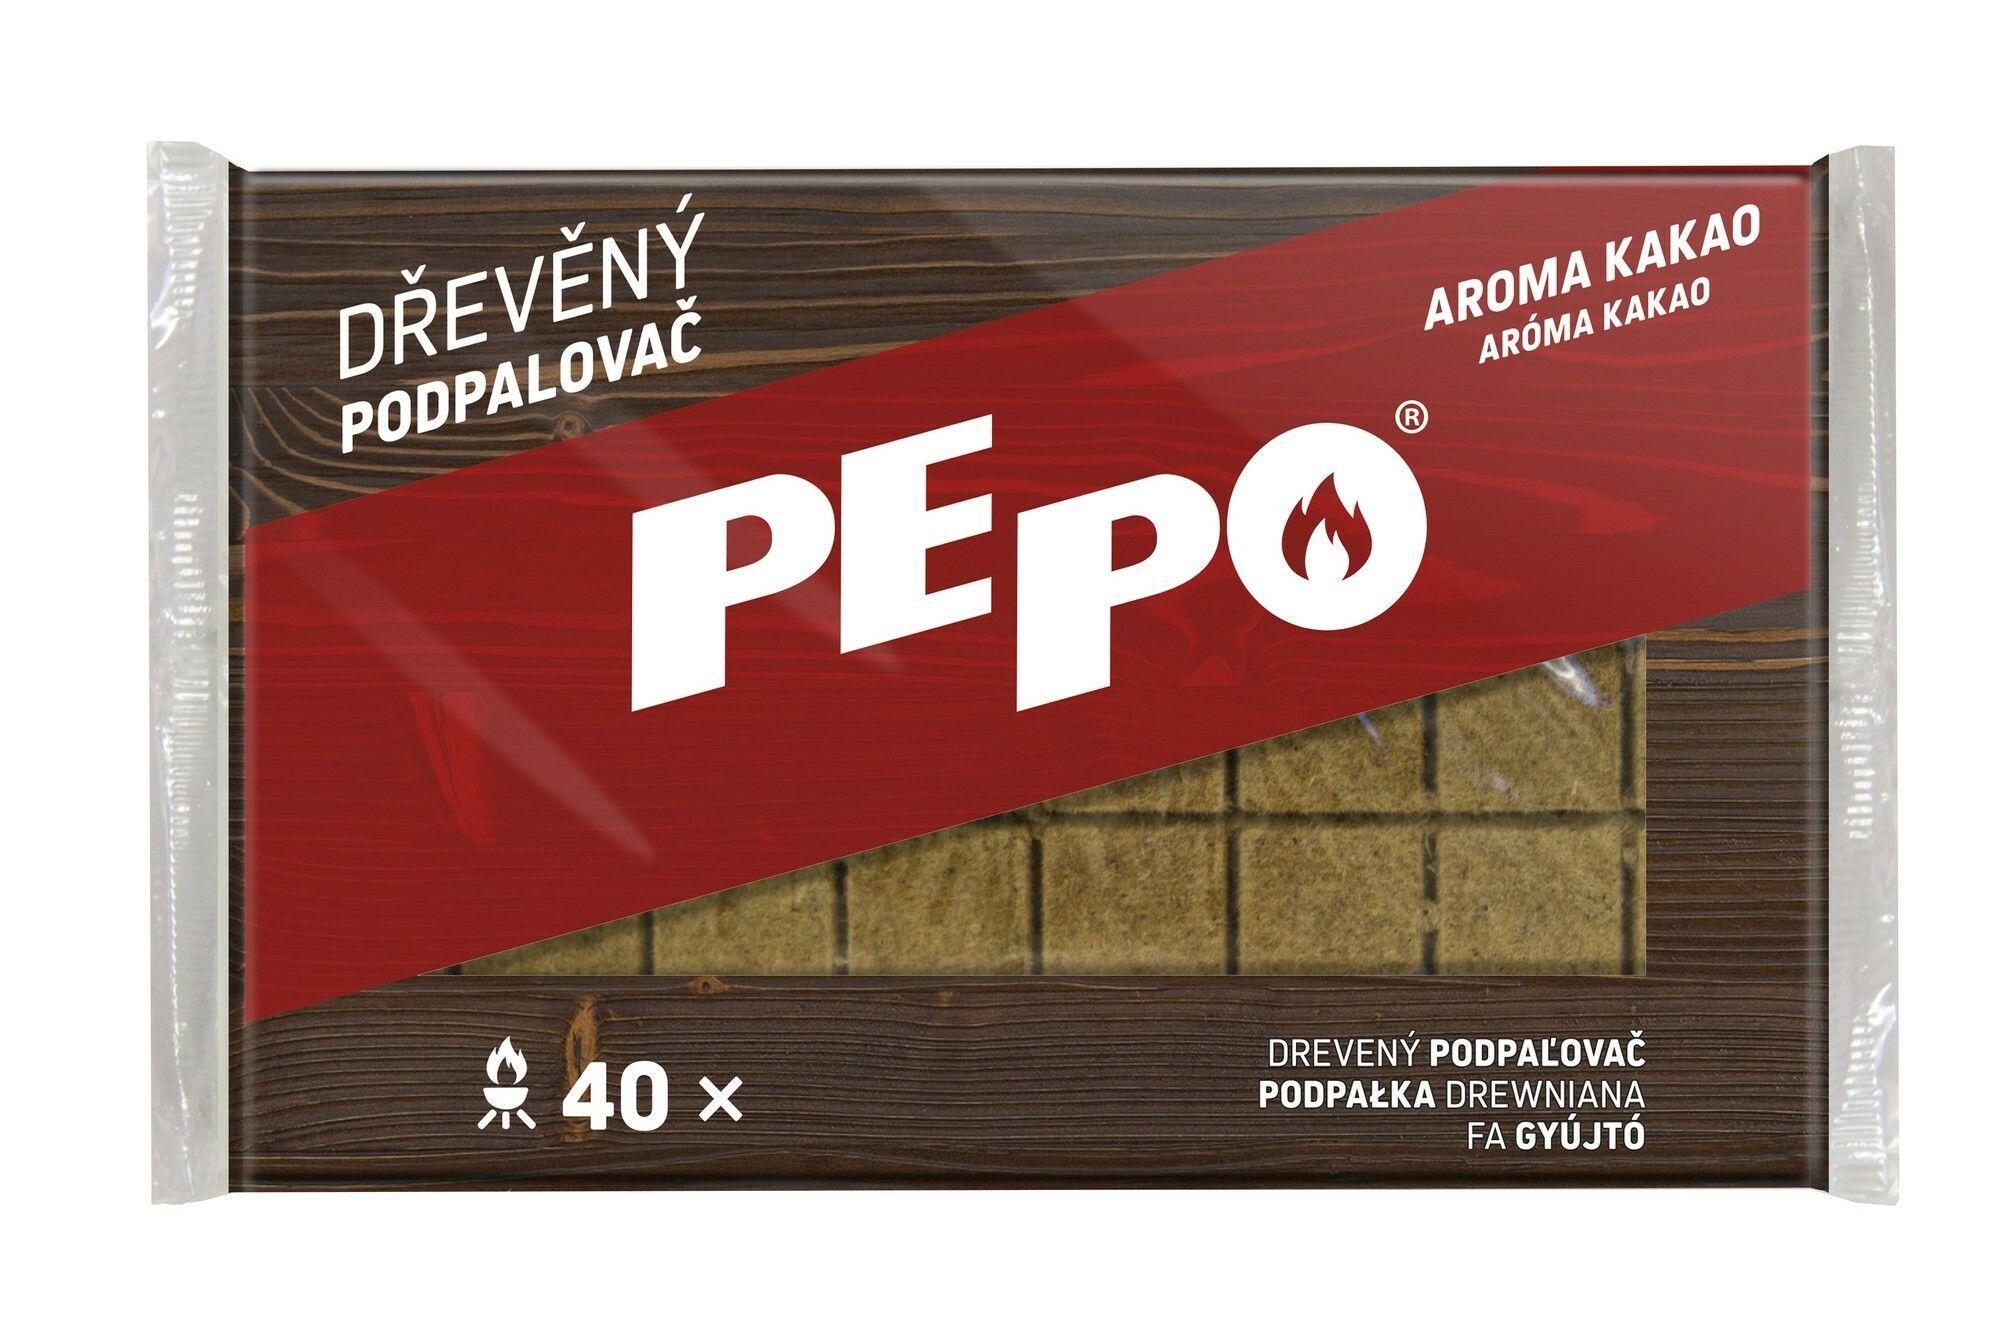 PE-PO dřevěný podpalovač 40 podpalů PEPO